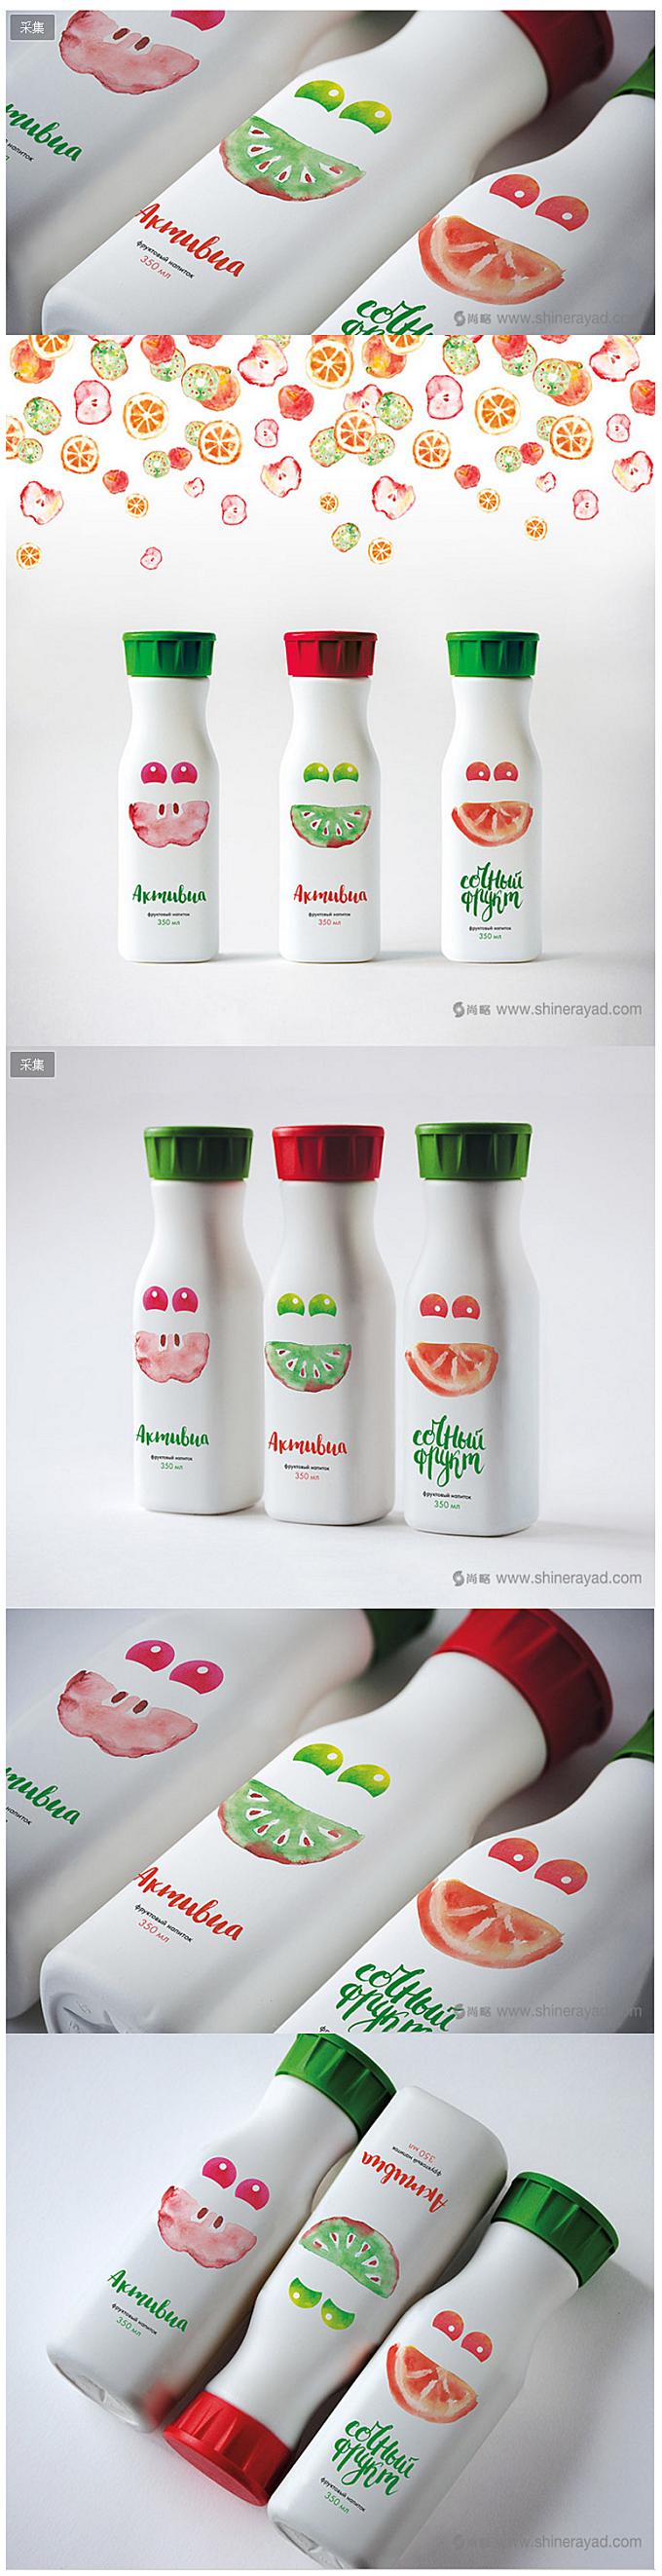 水彩手绘水果插画设计akmubua 果汁饮料饮品包装设计-上海包装设计公司-上海品牌设计公司-尚略广告